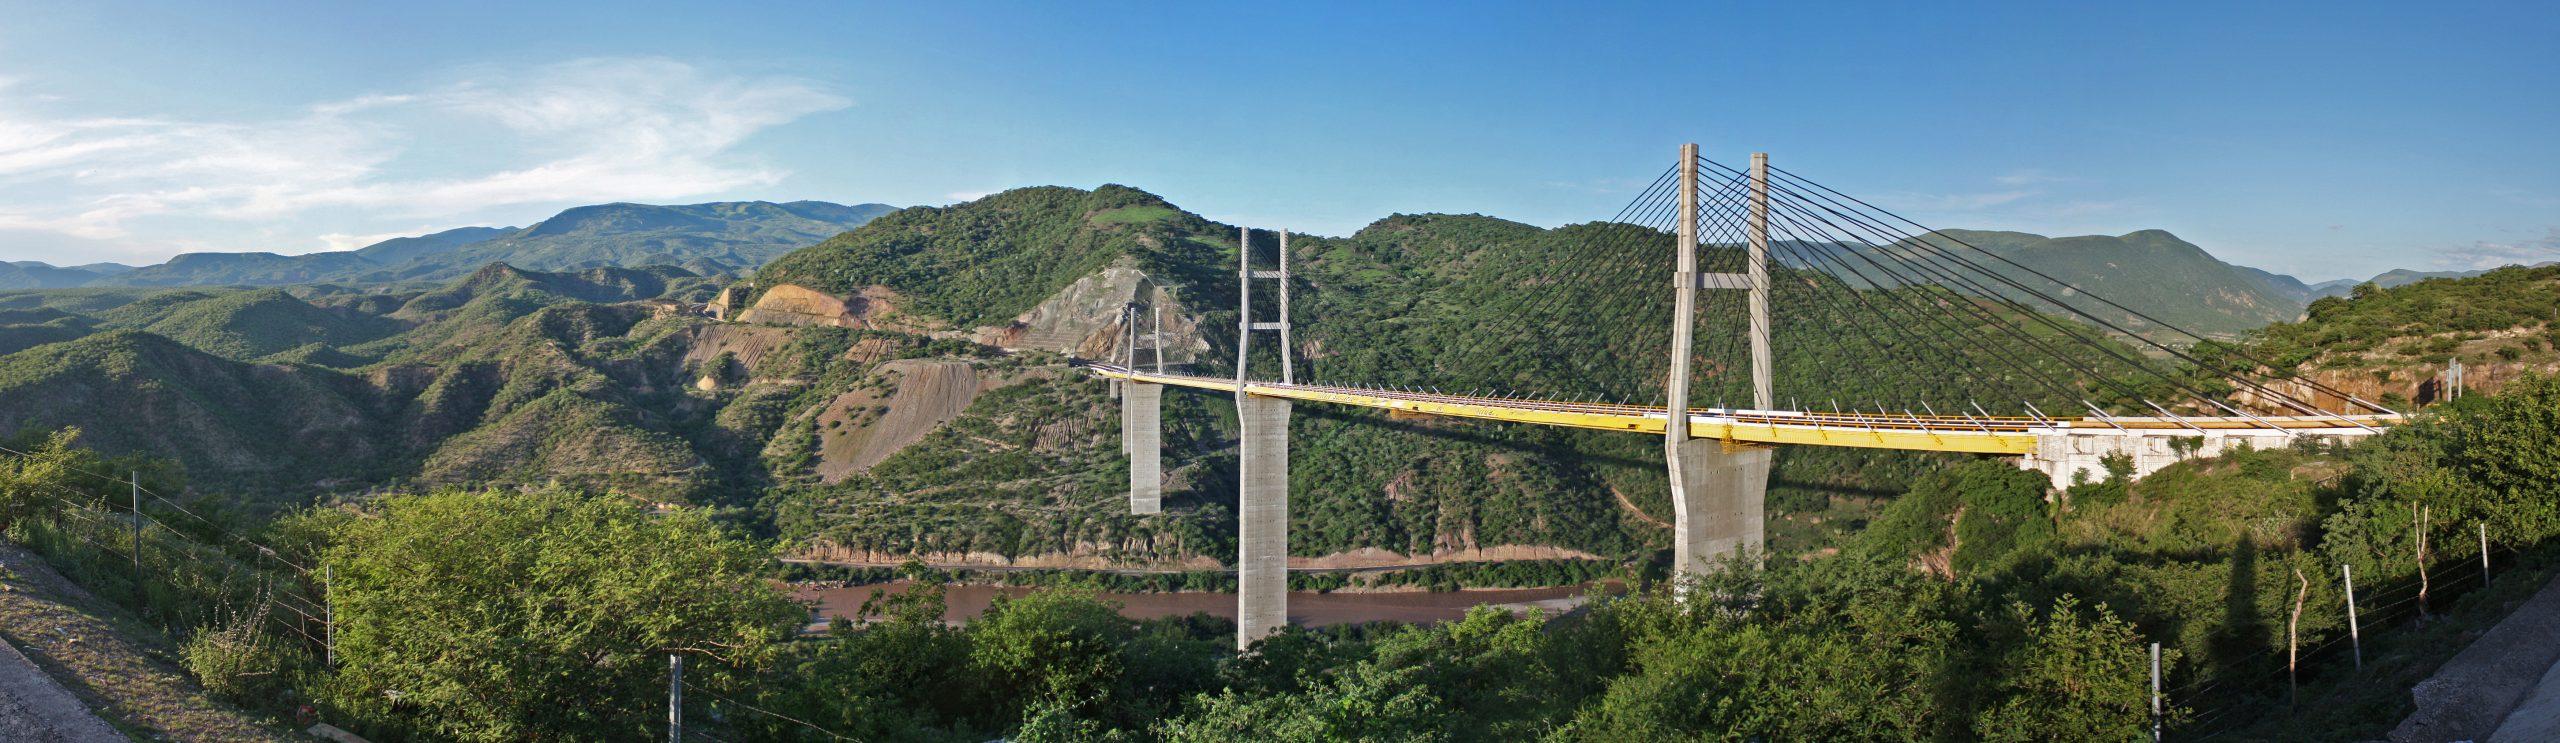 Puente Mezcala, Autopista del Sol